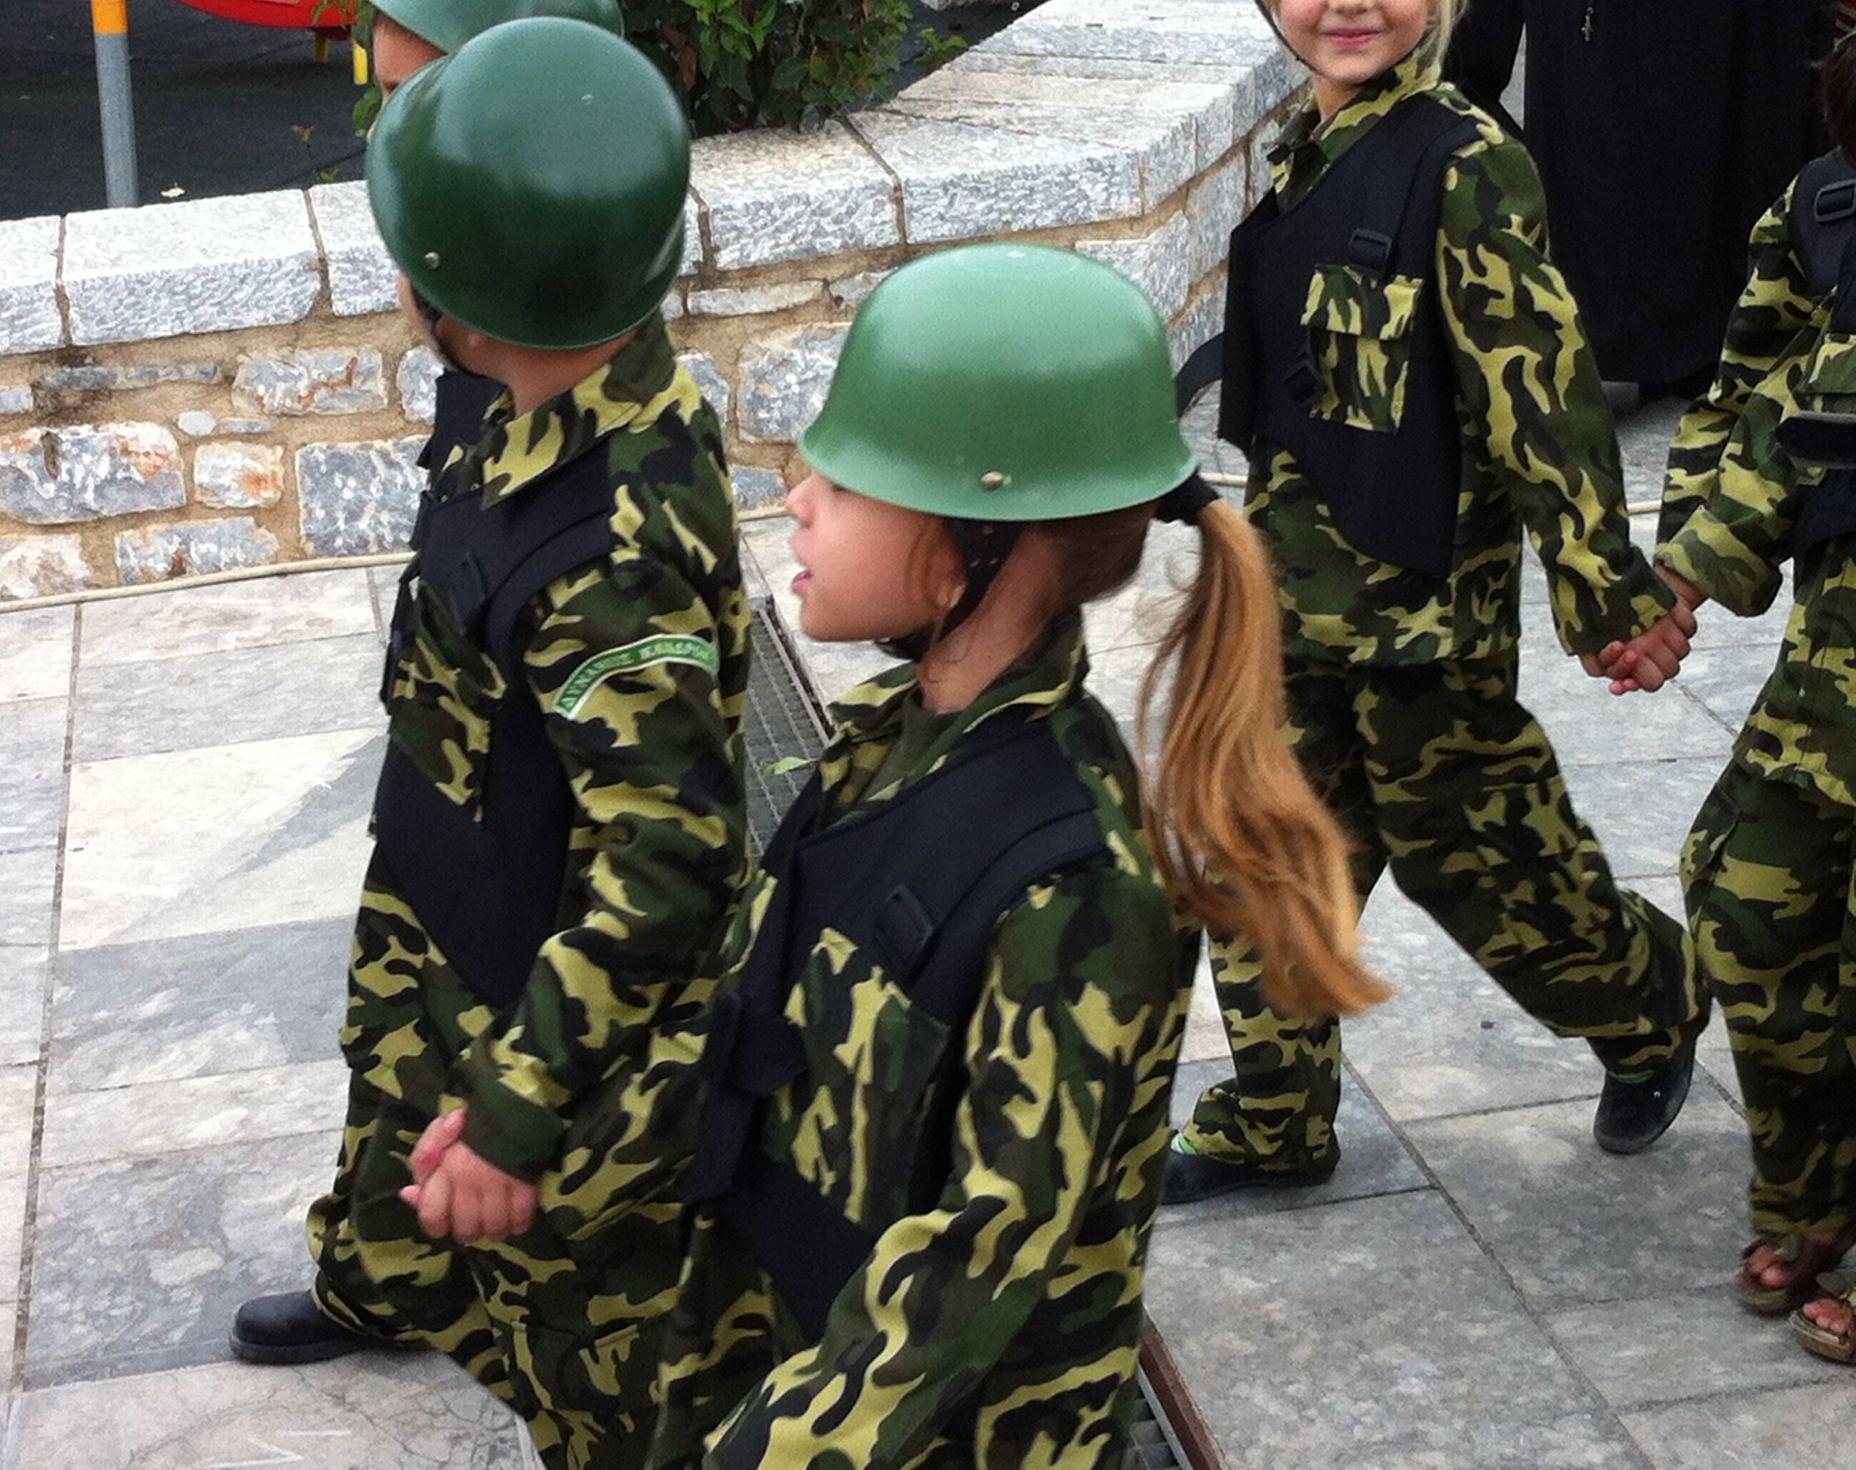 Οι γονείς που ντύσαν τα νήπια στην παρέλαση στην Αρεόπολη με παραλλαγή και κράνη, τι όνειρα έχουν για τα παιδιά τους;